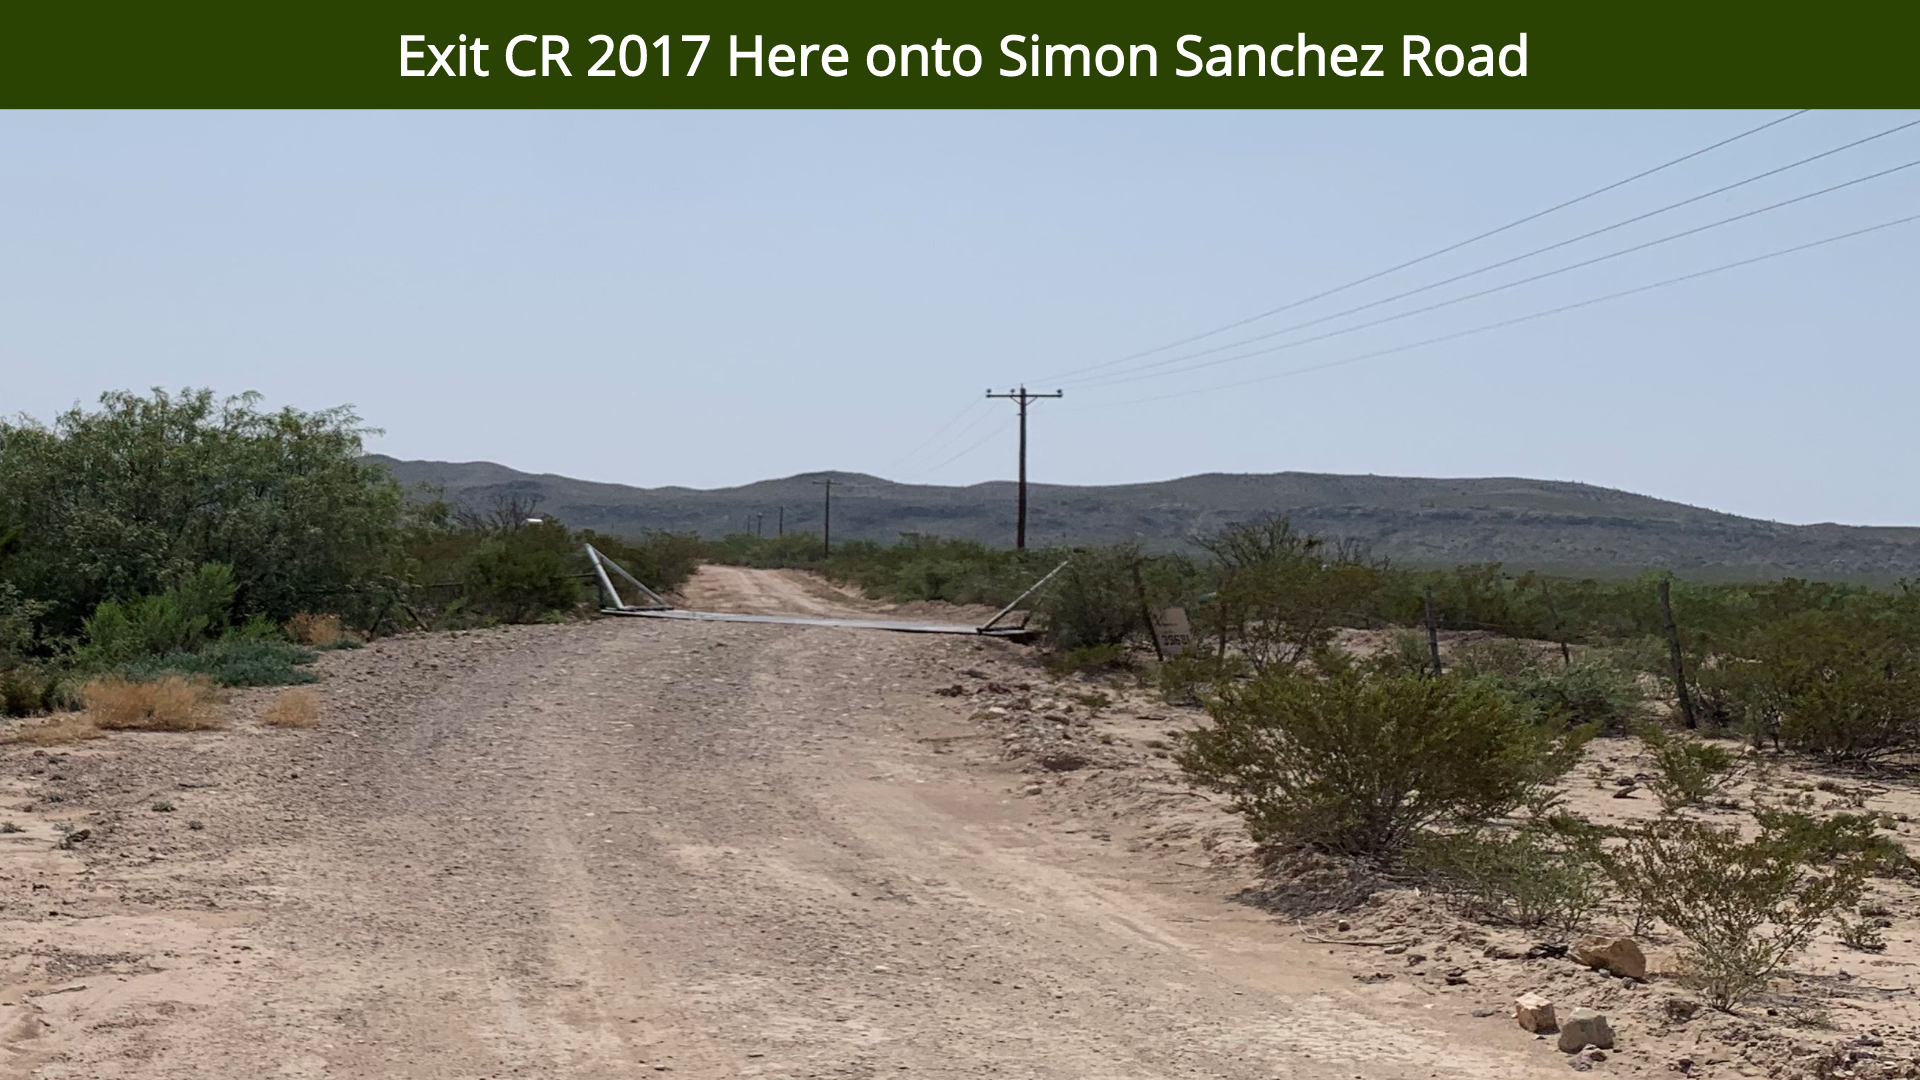 Exit CR 2017 Here onto Simon Sanchez Roa